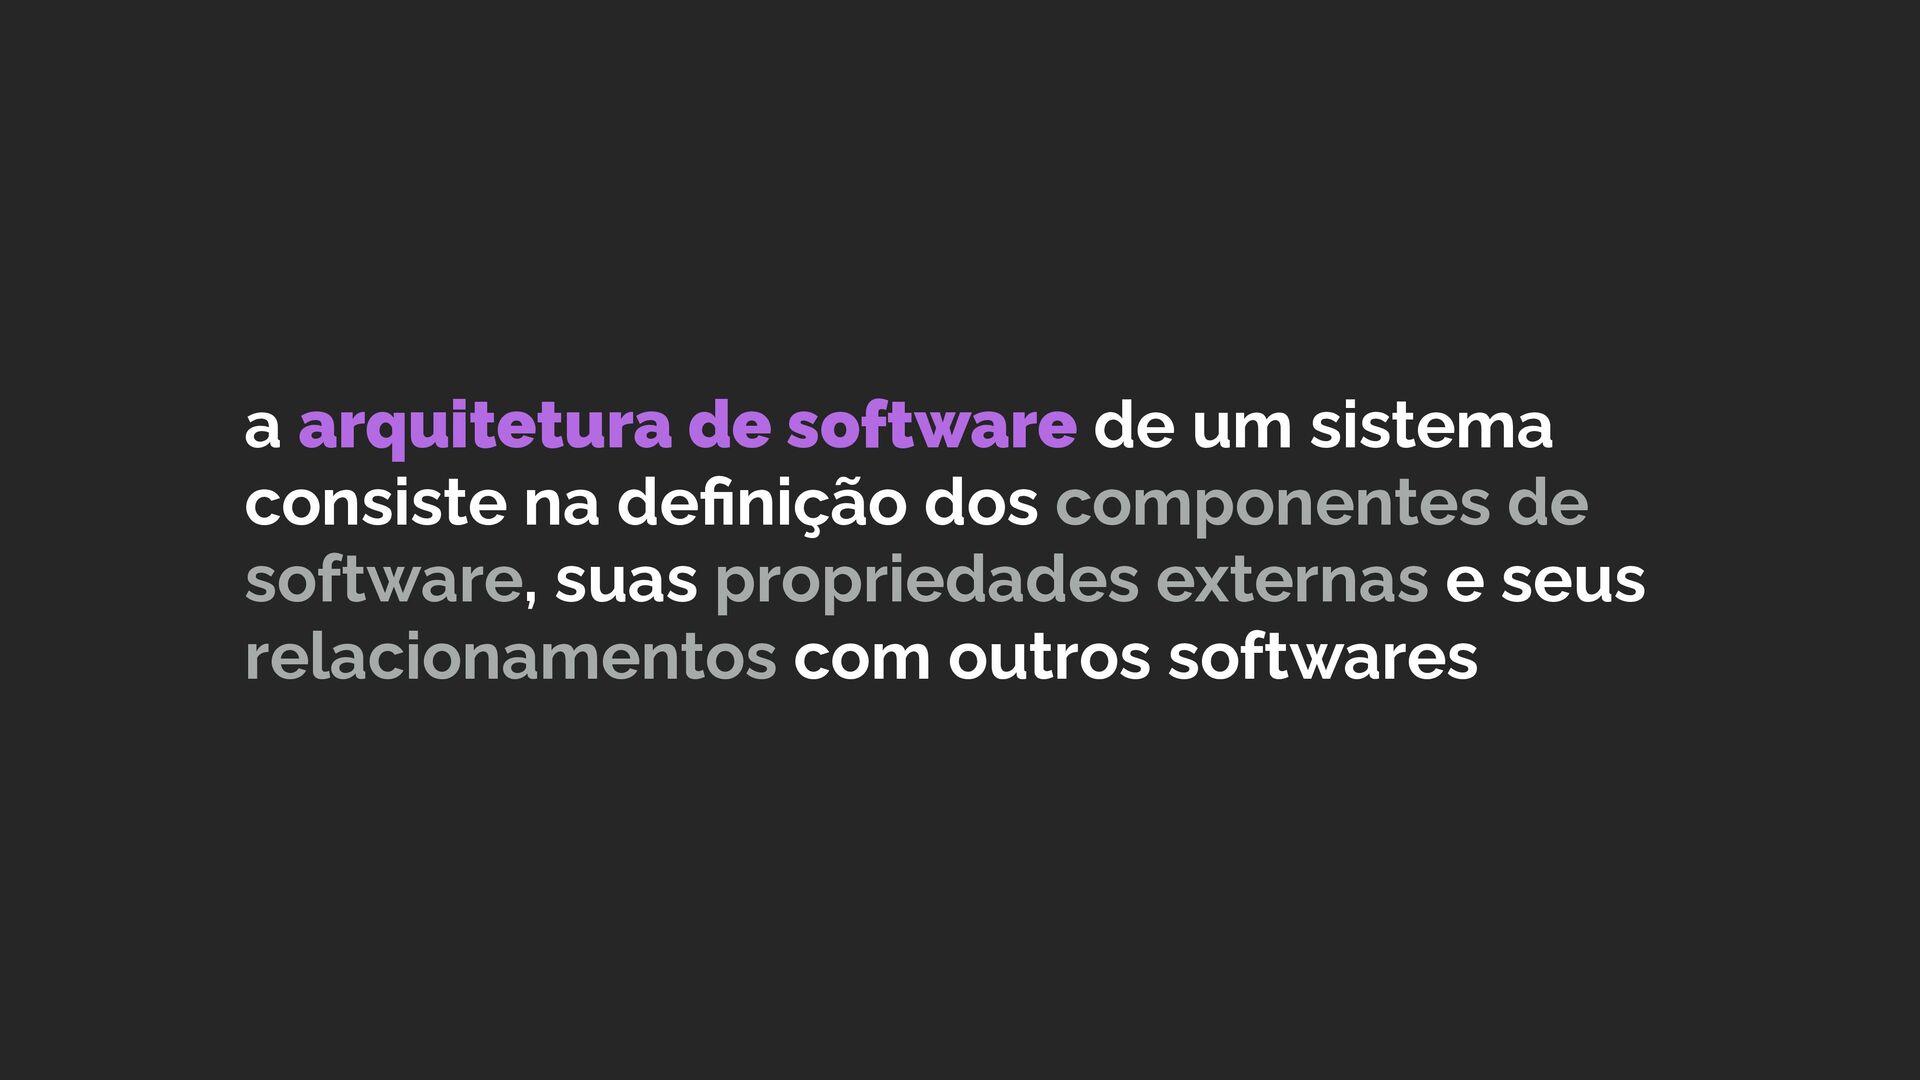 a arquitetura de software de um sistema consist...